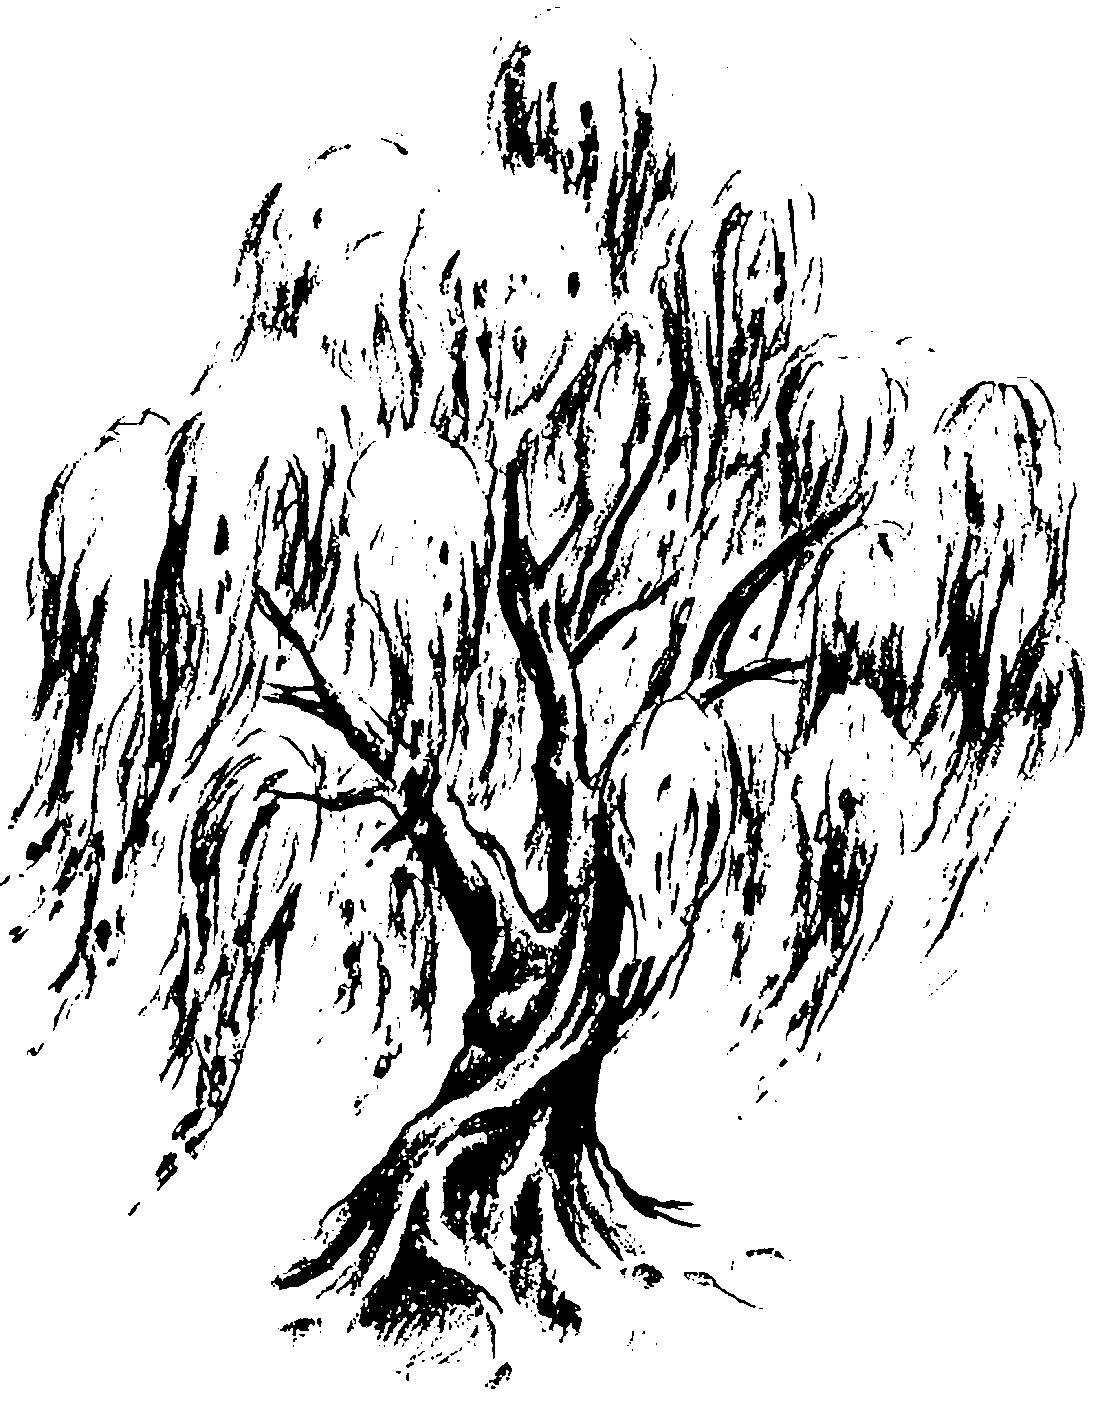 Ива на ветру - раскраска №13406   Printonic.ru